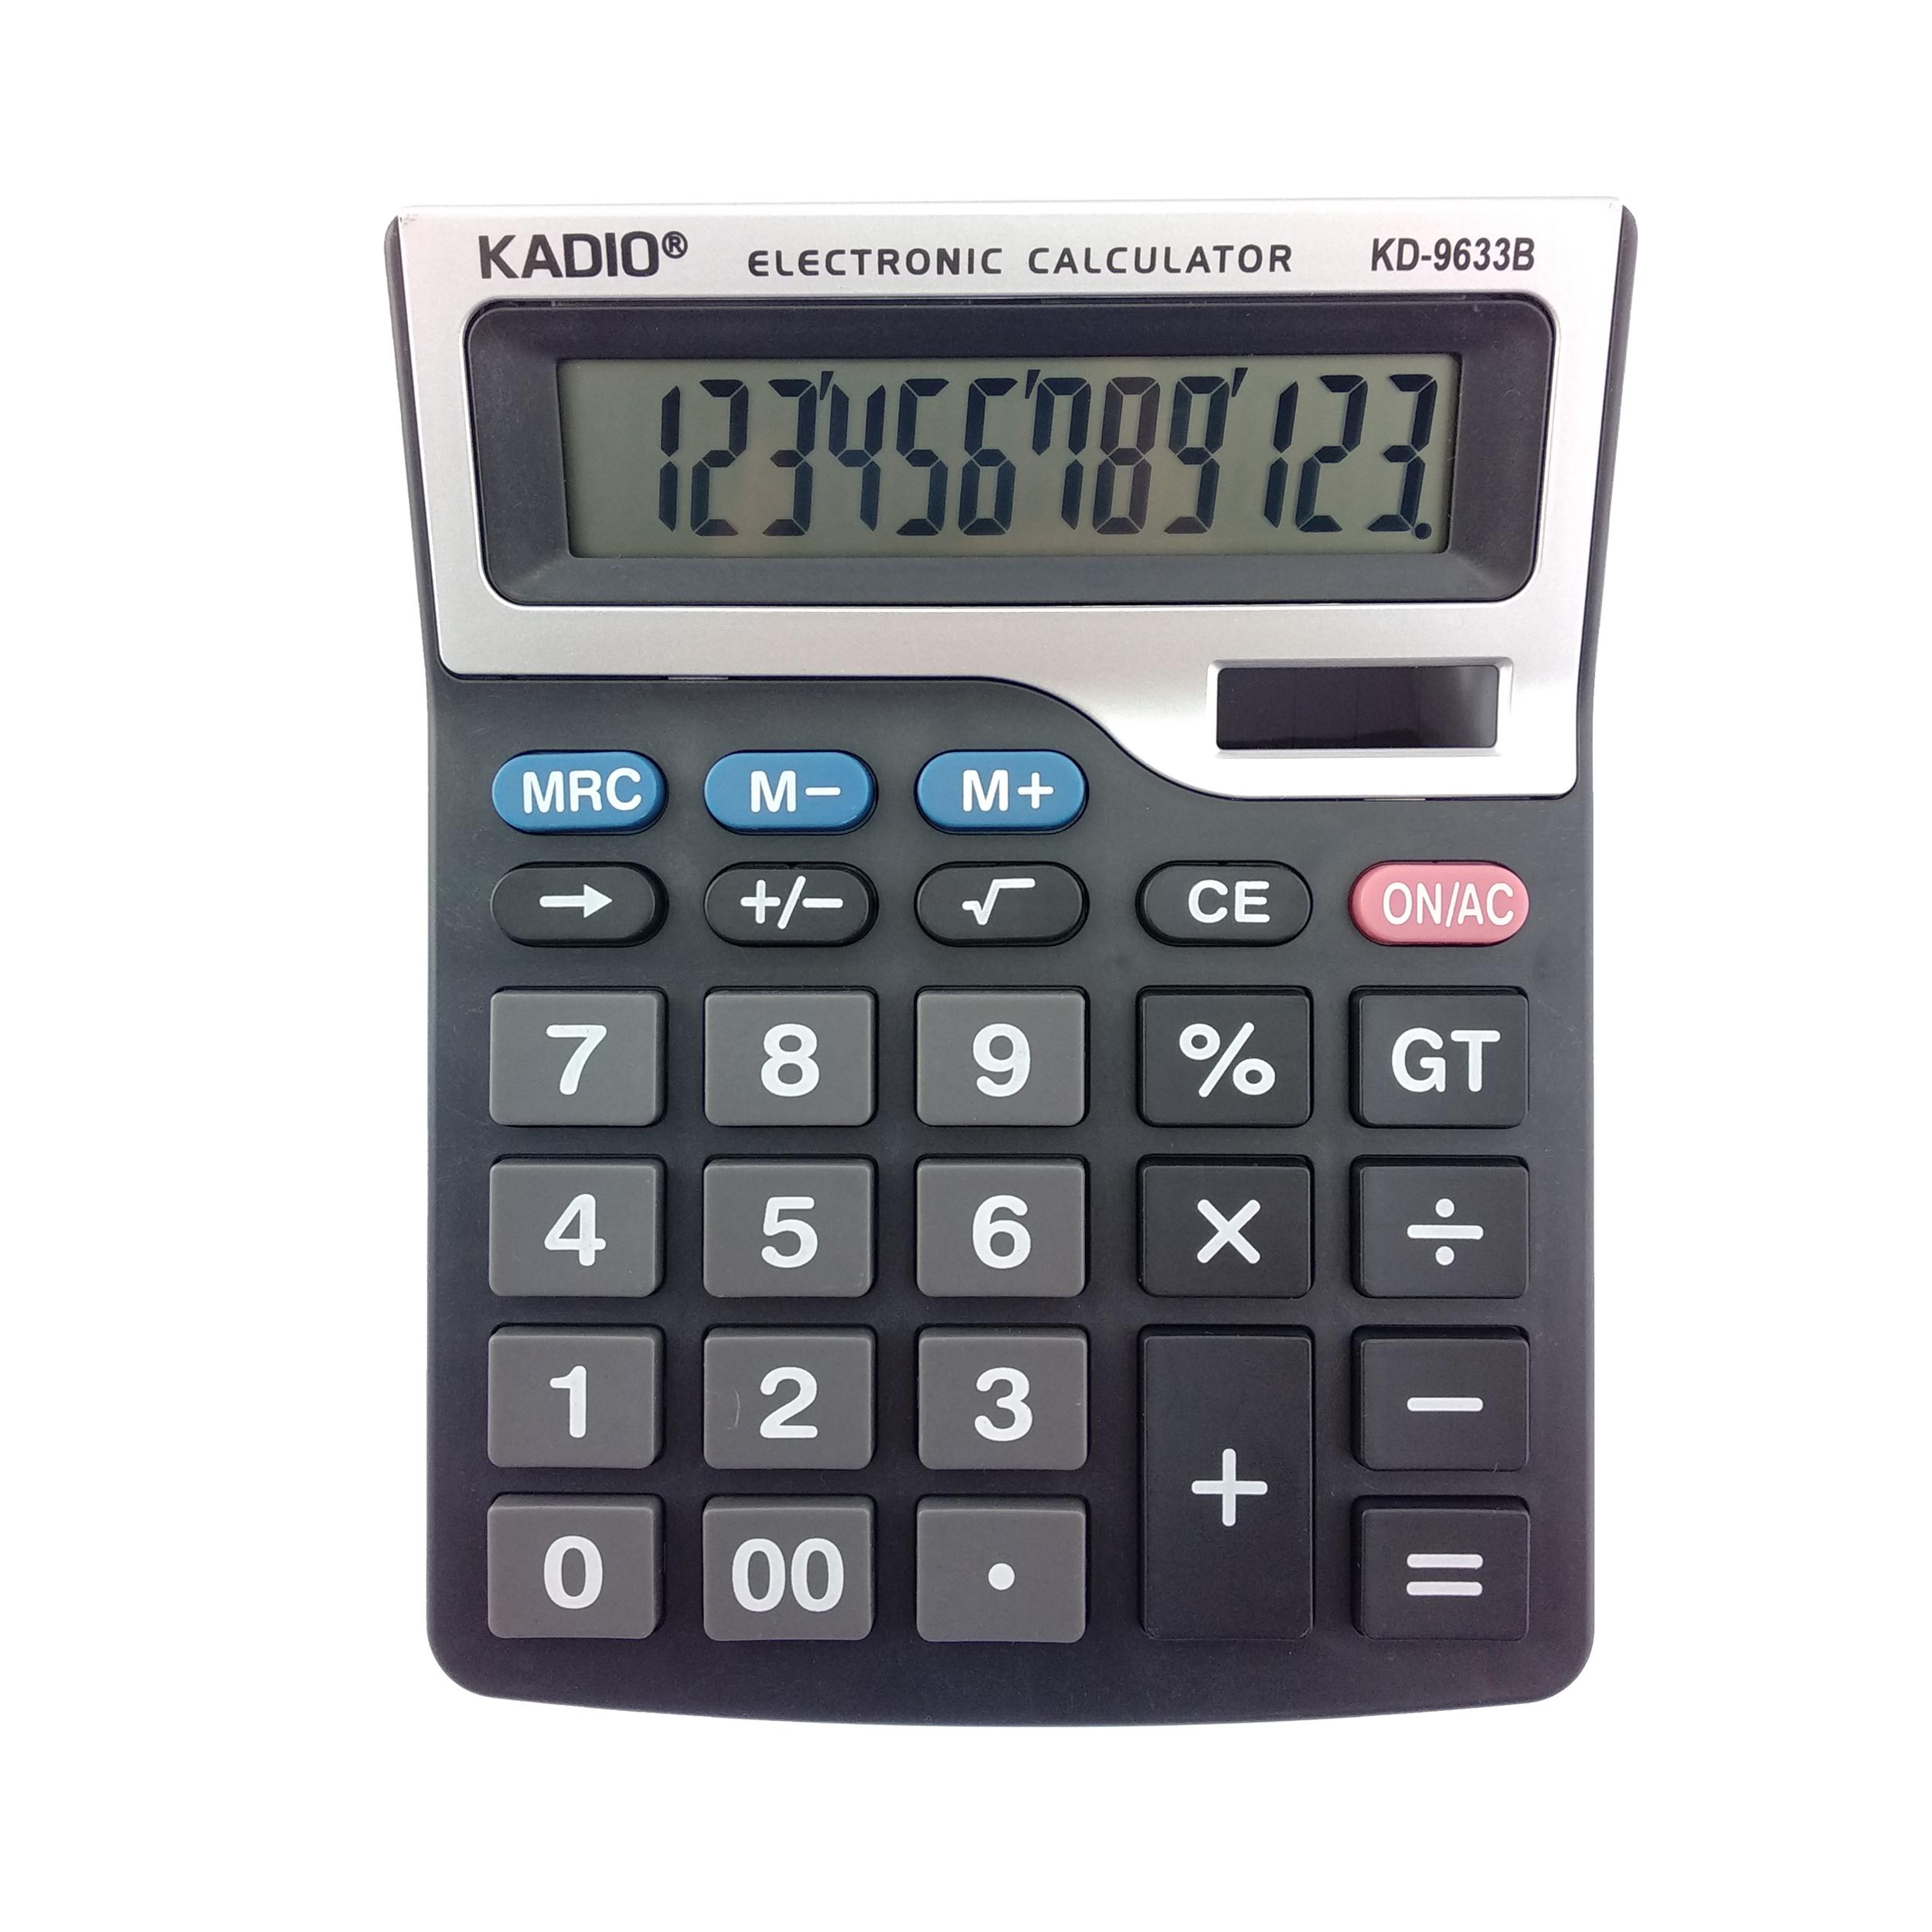 قیمت                      ماشین حساب کادیو مدل KD-9633B